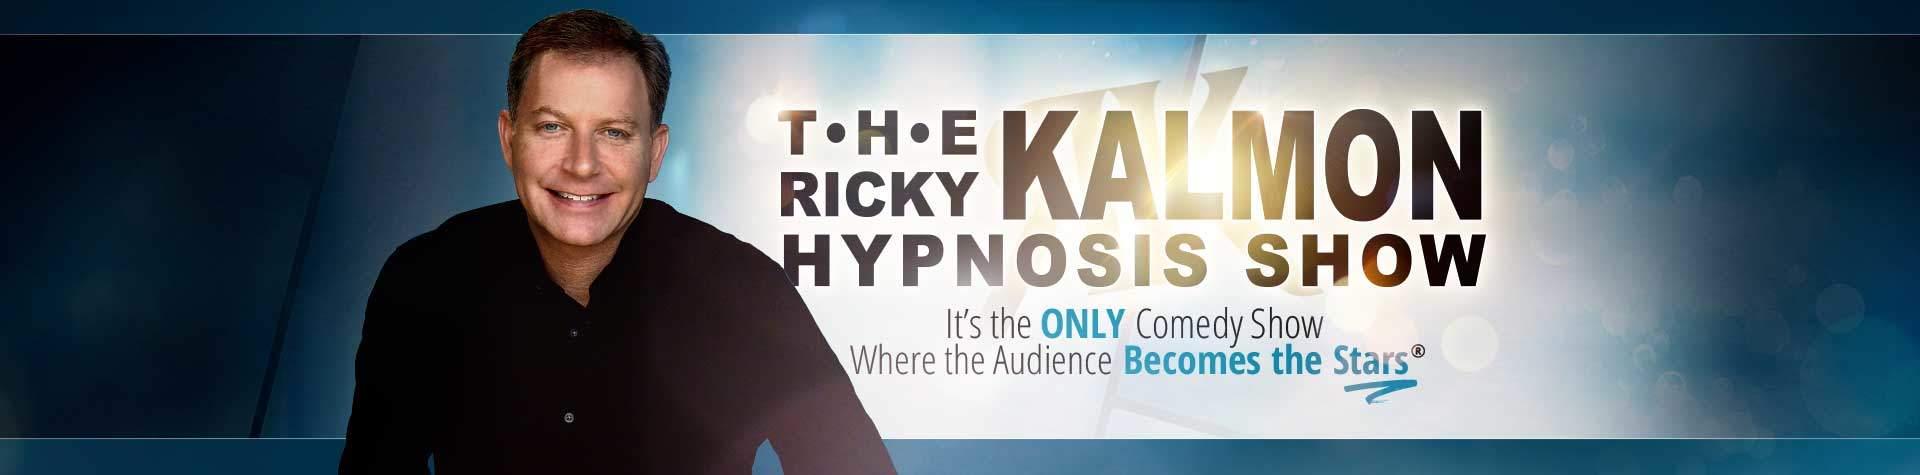 Ricky Kalmon Hypnosis Show